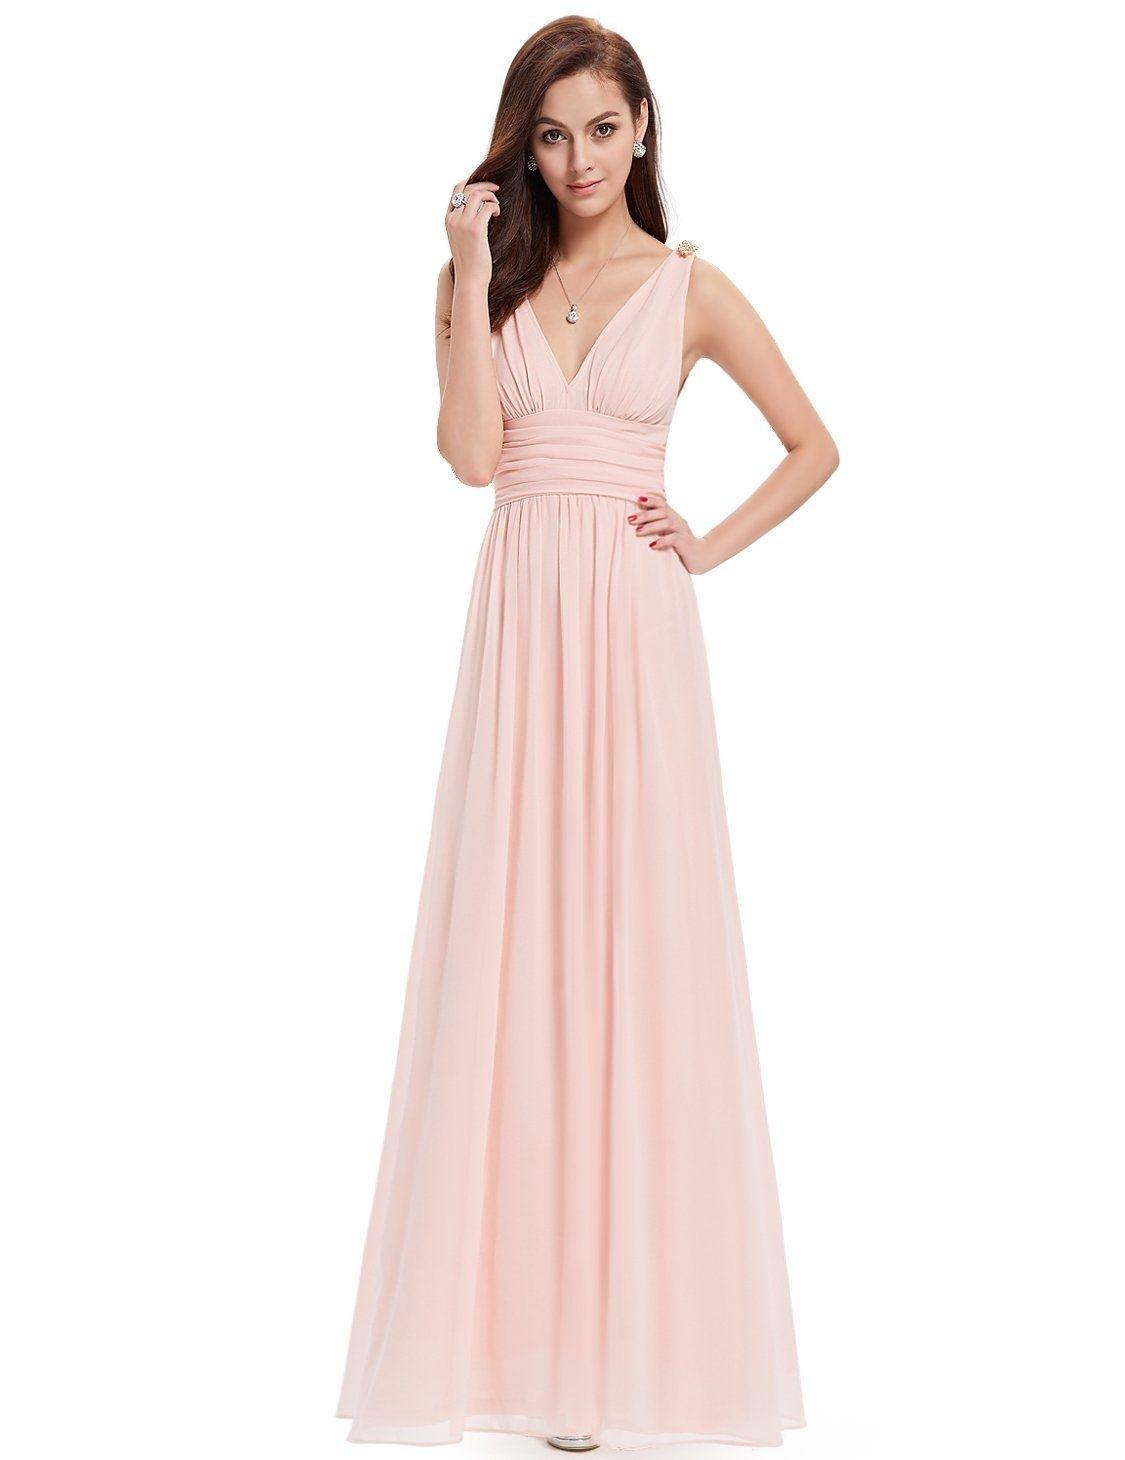 20 Einzigartig Festkleider Damen Spezialgebiet10 Luxus Festkleider Damen Boutique